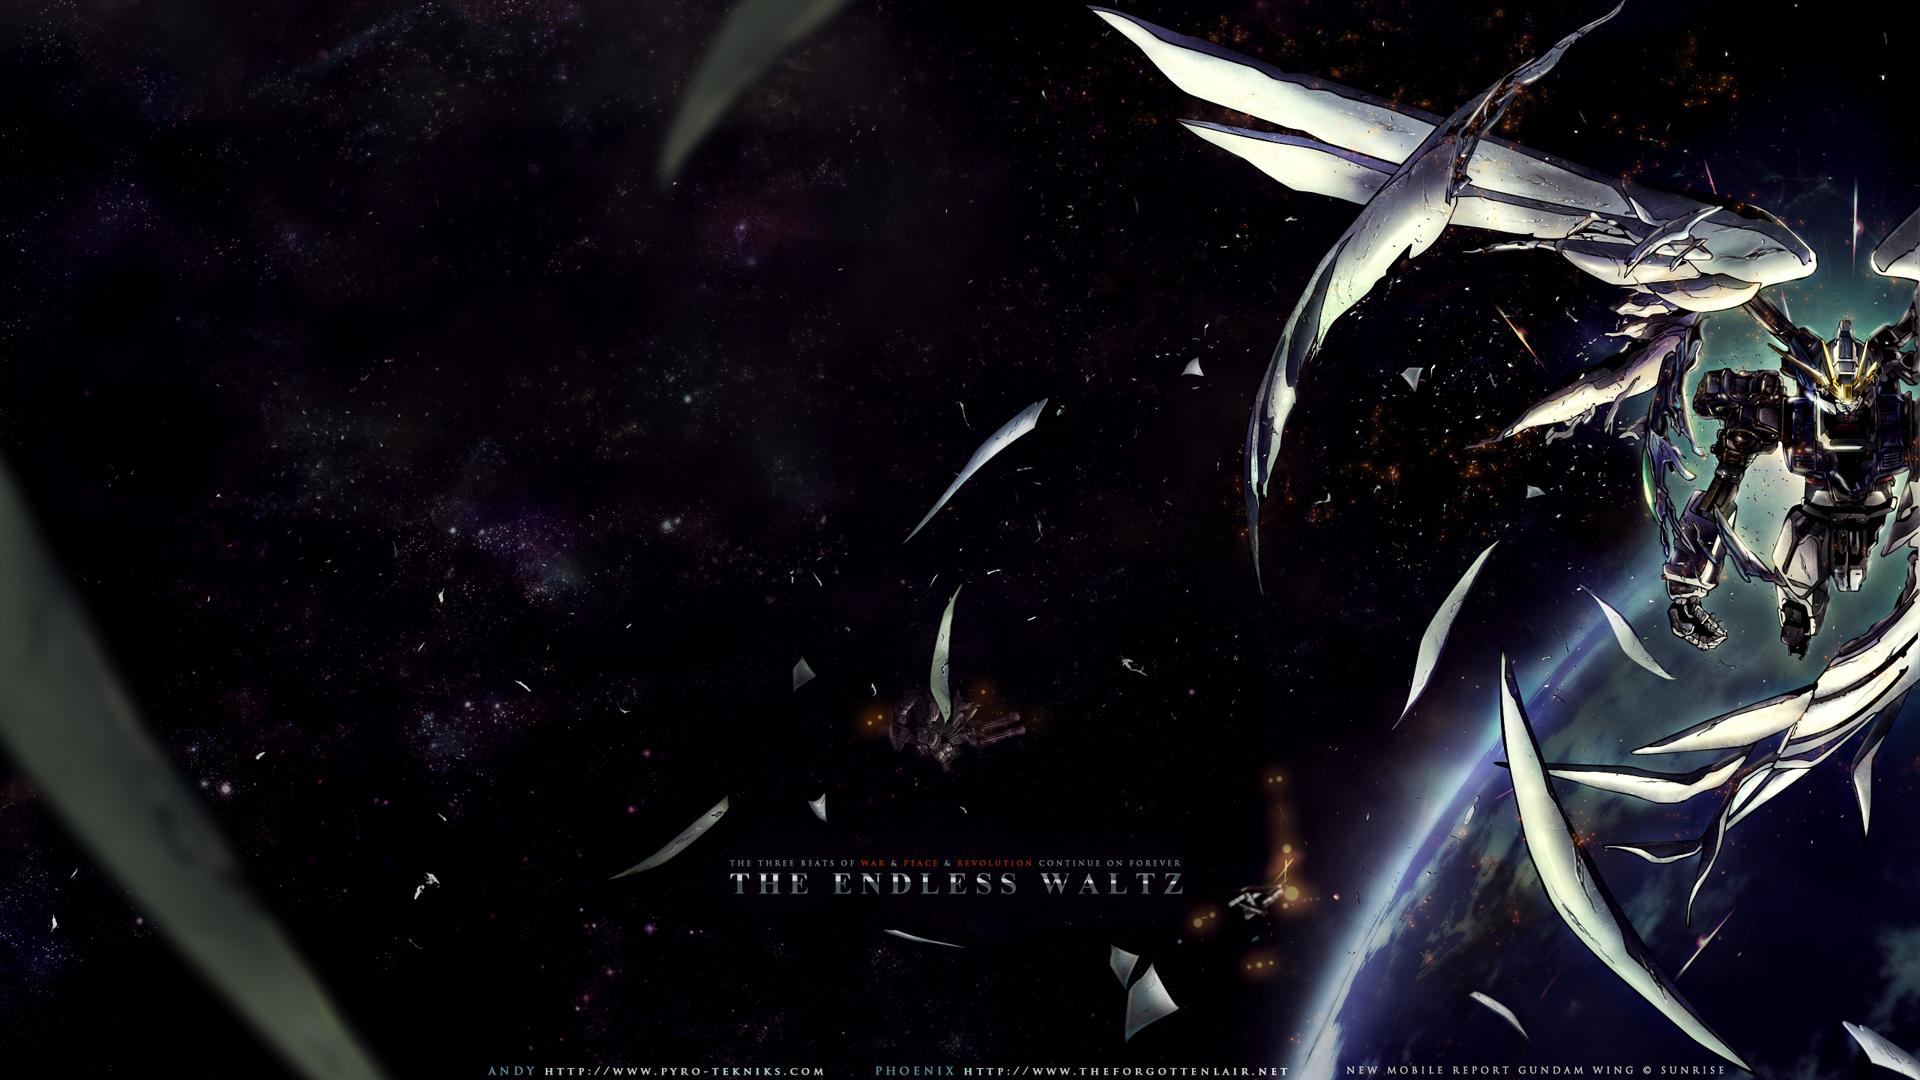 Gundam Gundam Wallpaper 1920x1080 Gundam Gundam Wing 1920x1080